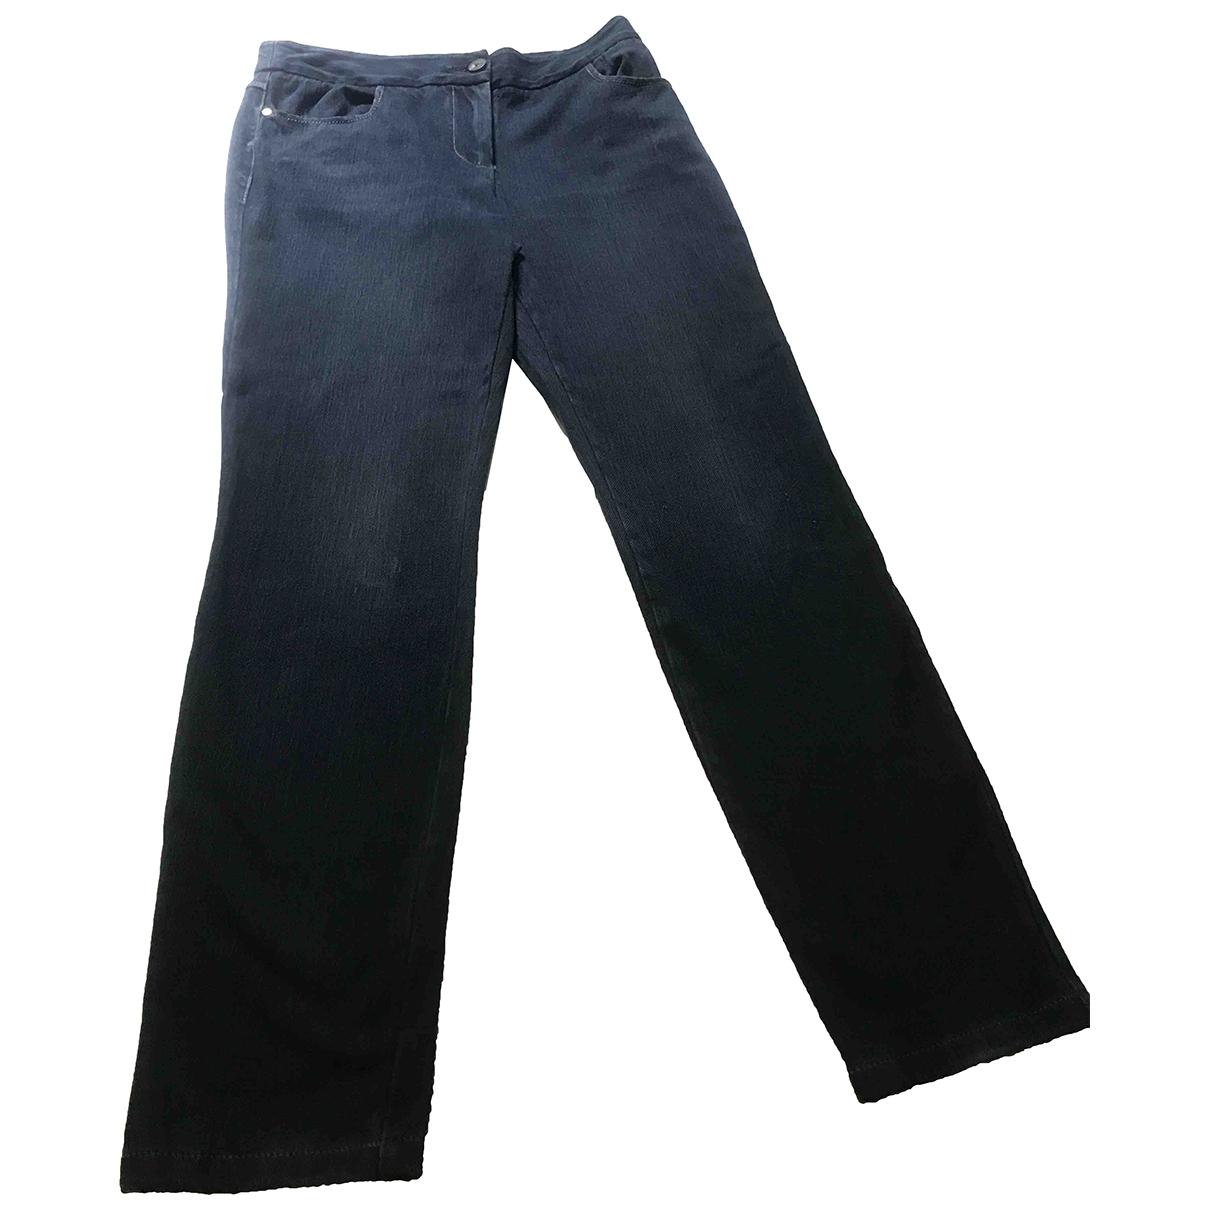 Diane Von Furstenberg \N Blue Denim - Jeans Trousers for Women 4 US